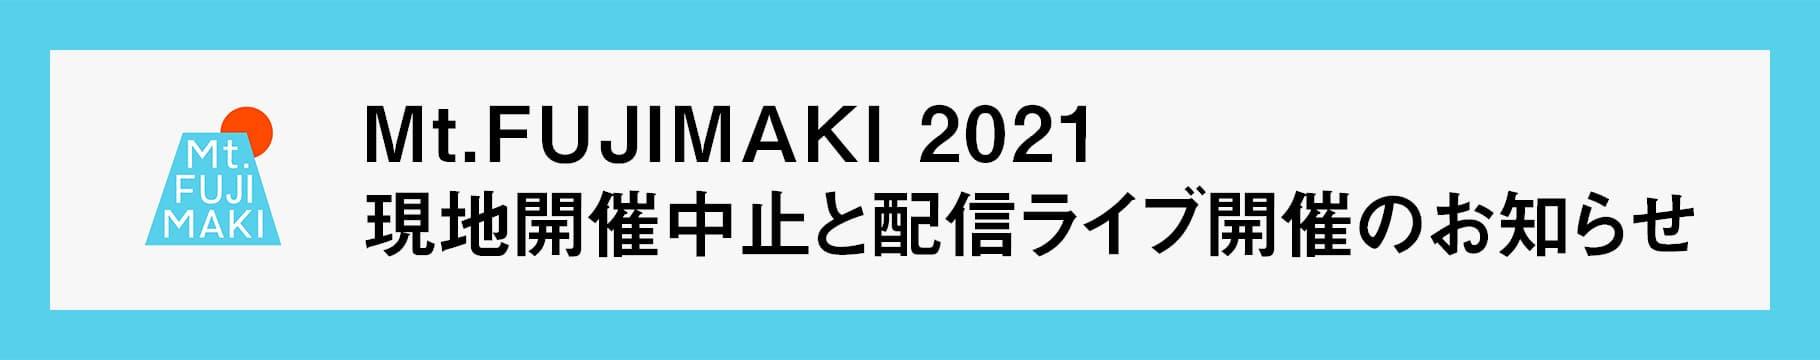 Mt.FUJIMAKI 2021開催中止のお知らせ